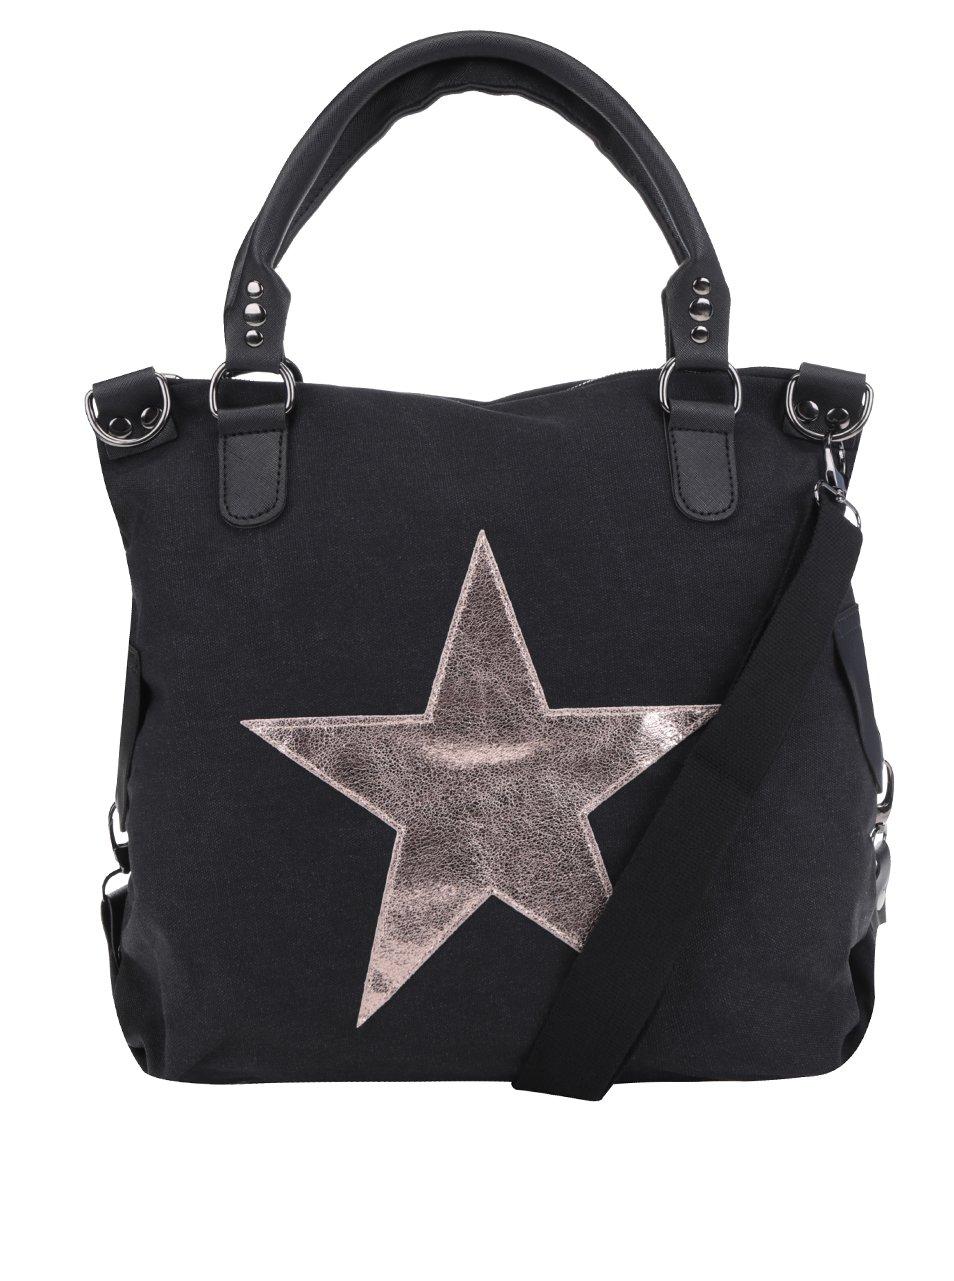 Černá kabelka s nášivkou hvězdy Haily´s Star M